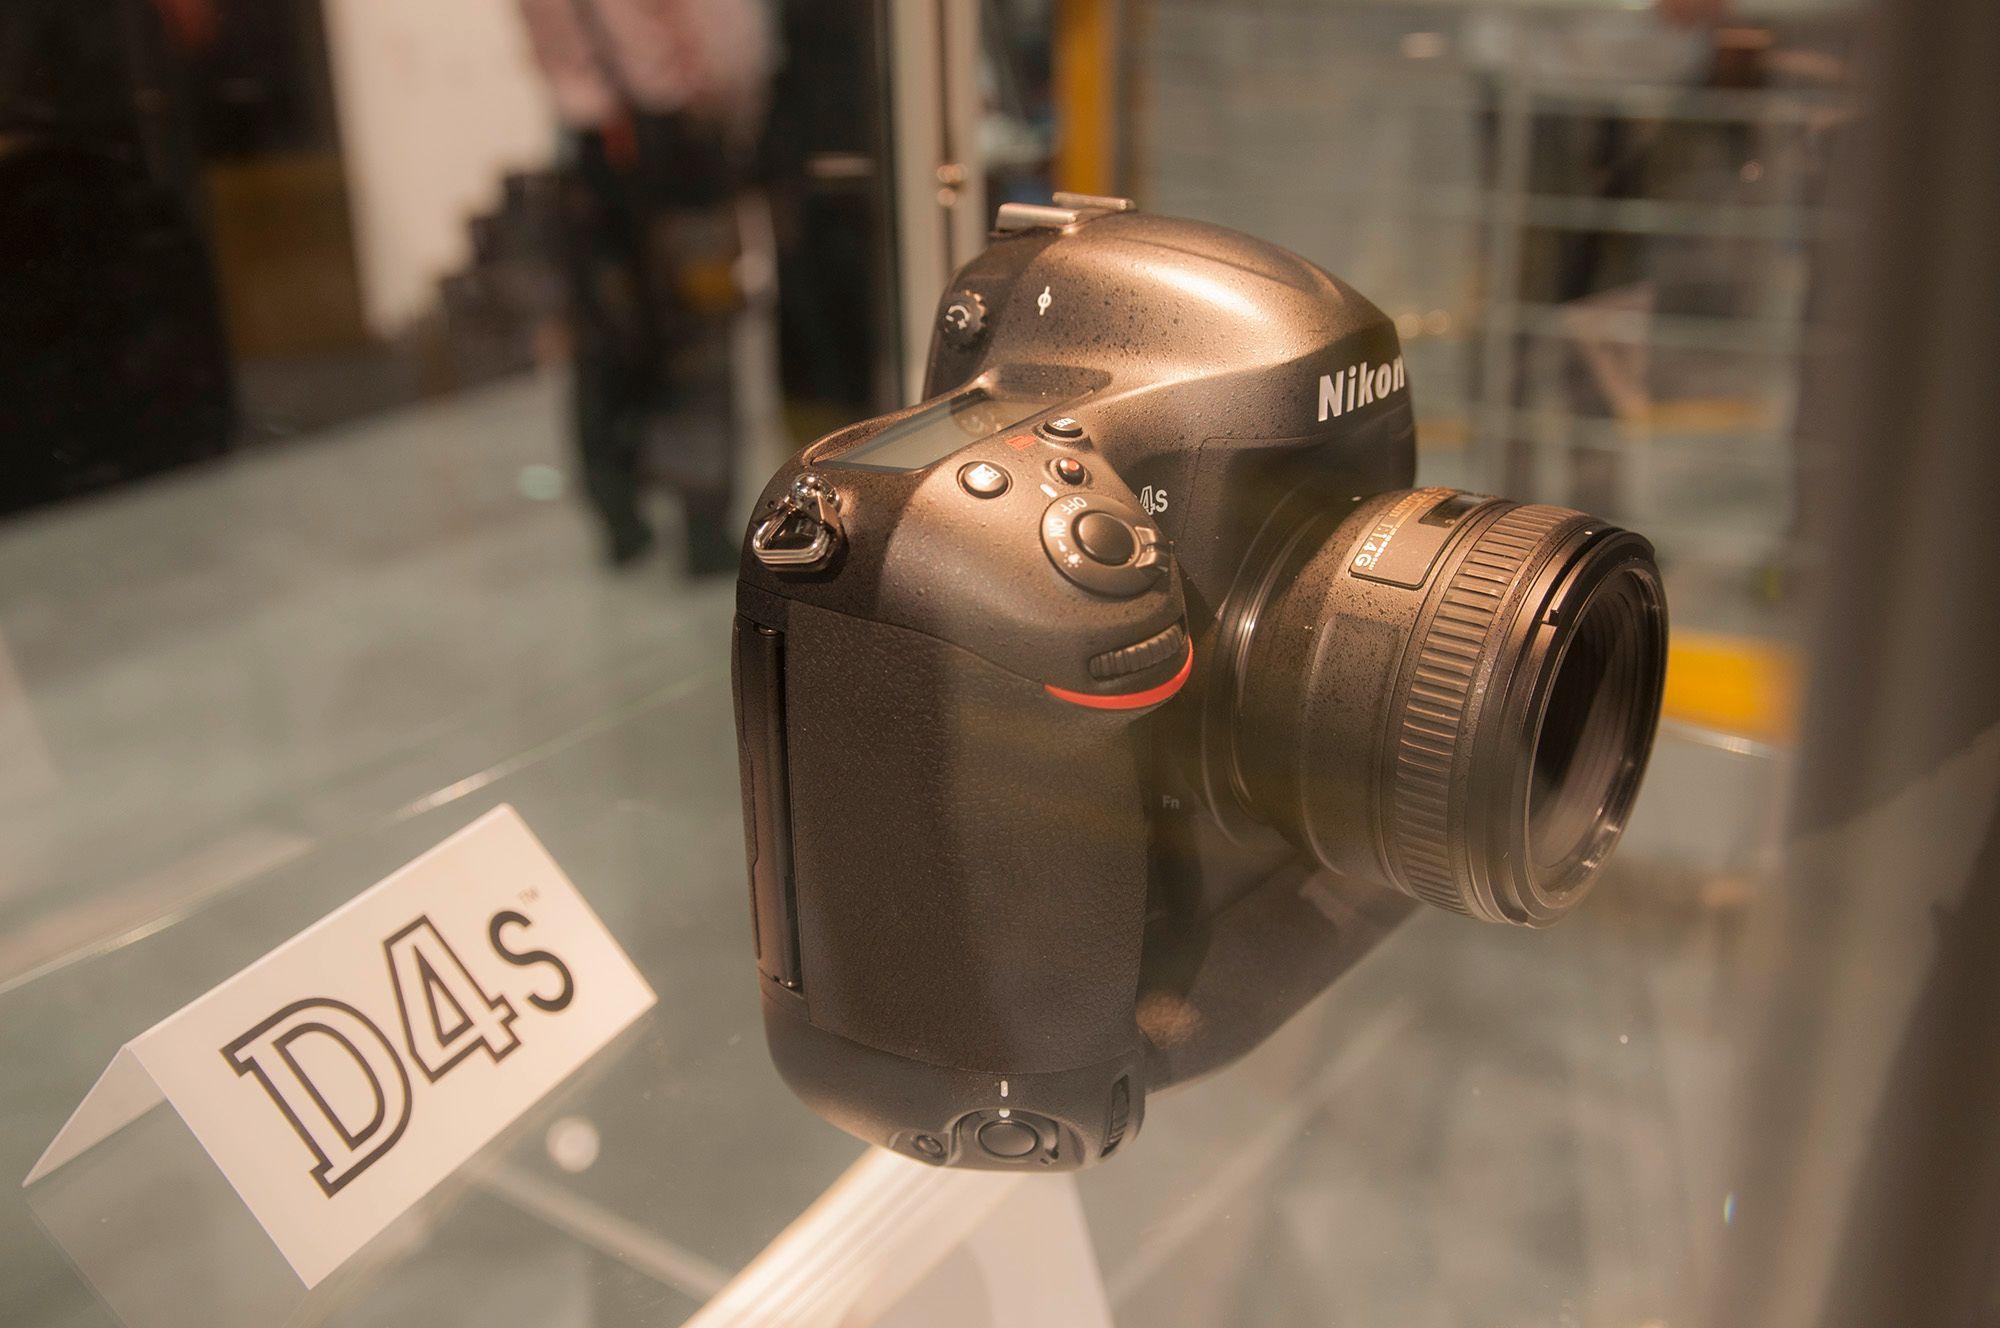 En prototype av D4s var utstilt på årets CES-messe.Foto: Finn Jarle Kvalheim/Amobil.no